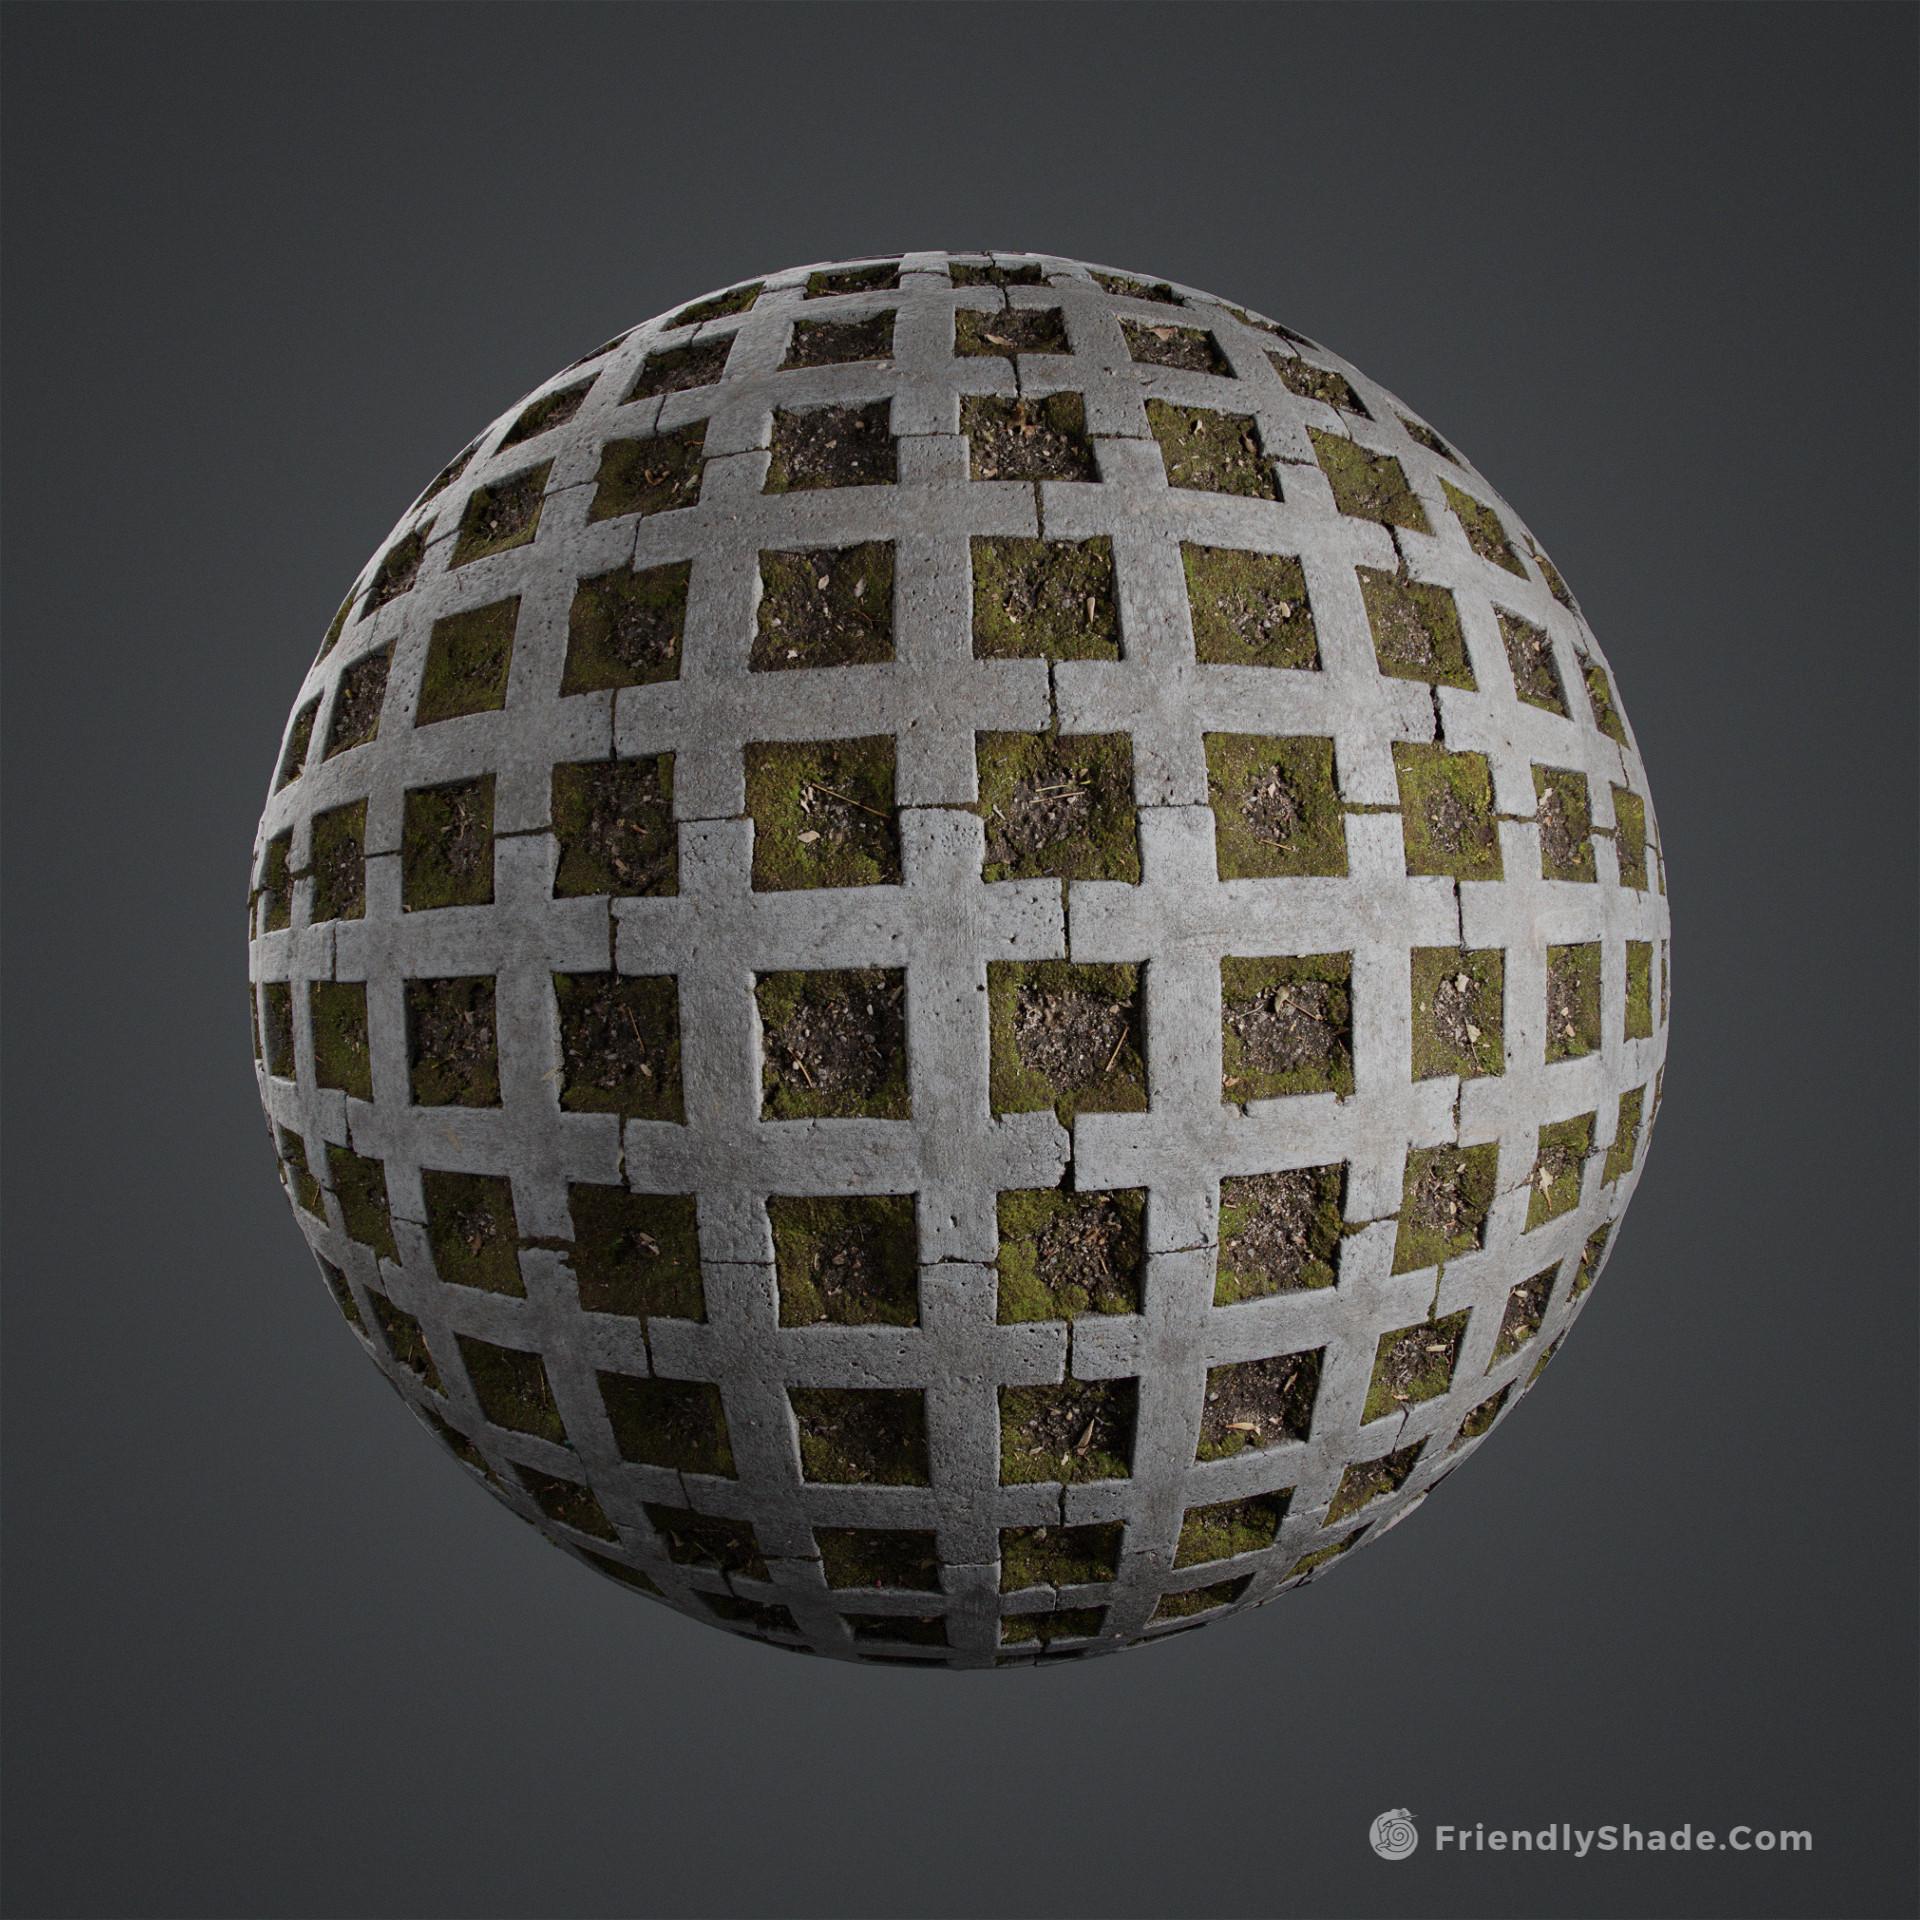 https://cdna.artstation.com/p/assets/images/images/007/402/514/large/sebastian-zapata-sphere-post.jpg?1505900584